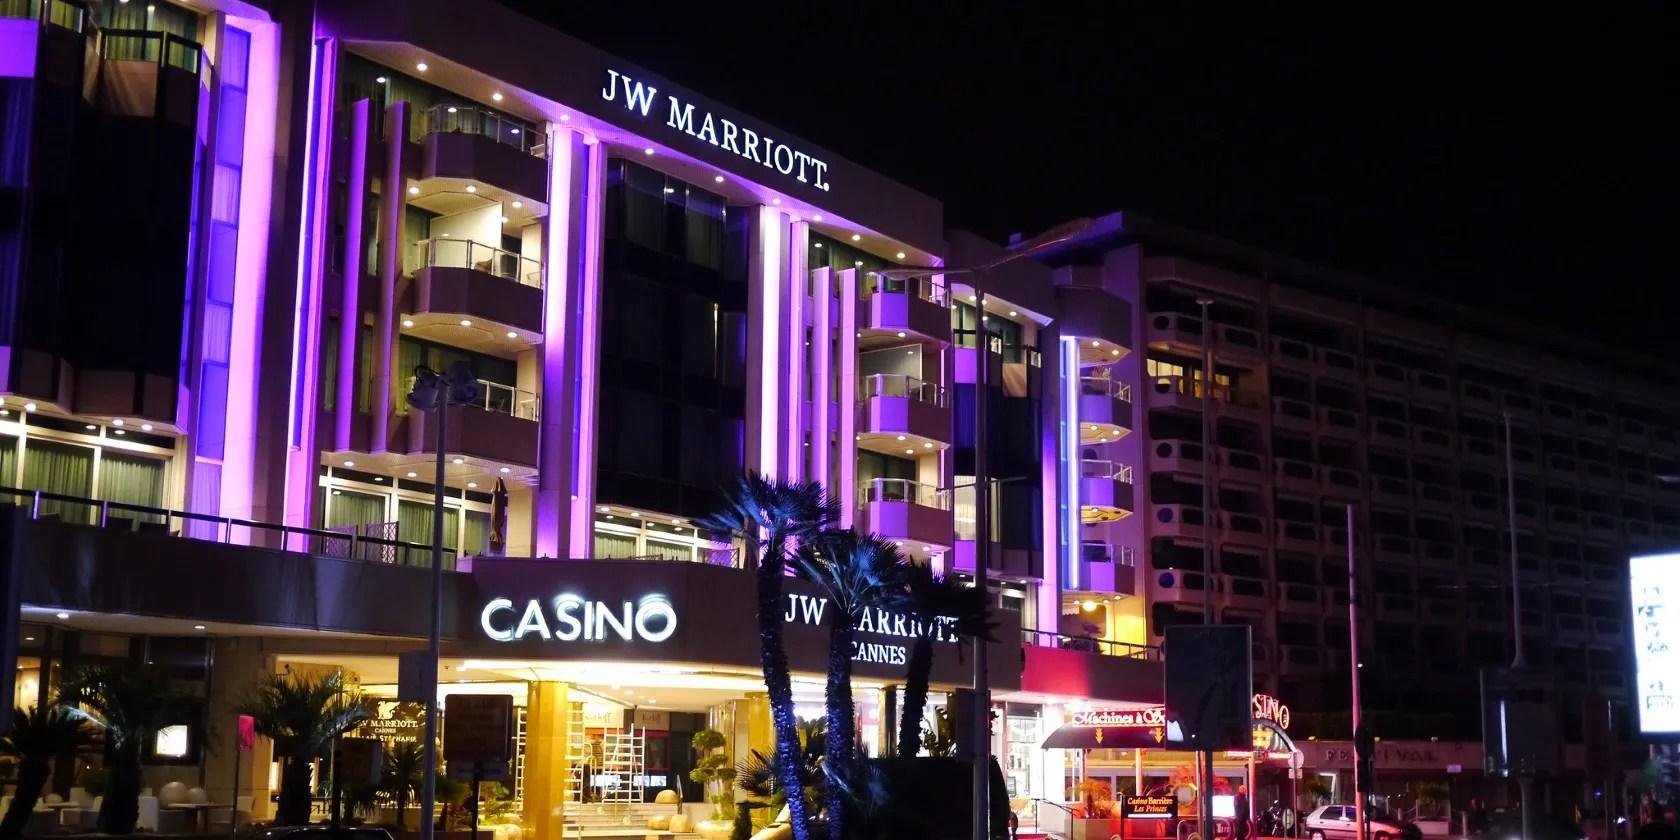 Marriott Hotels ha annunciato una violazione della sicurezza a novembre 2018